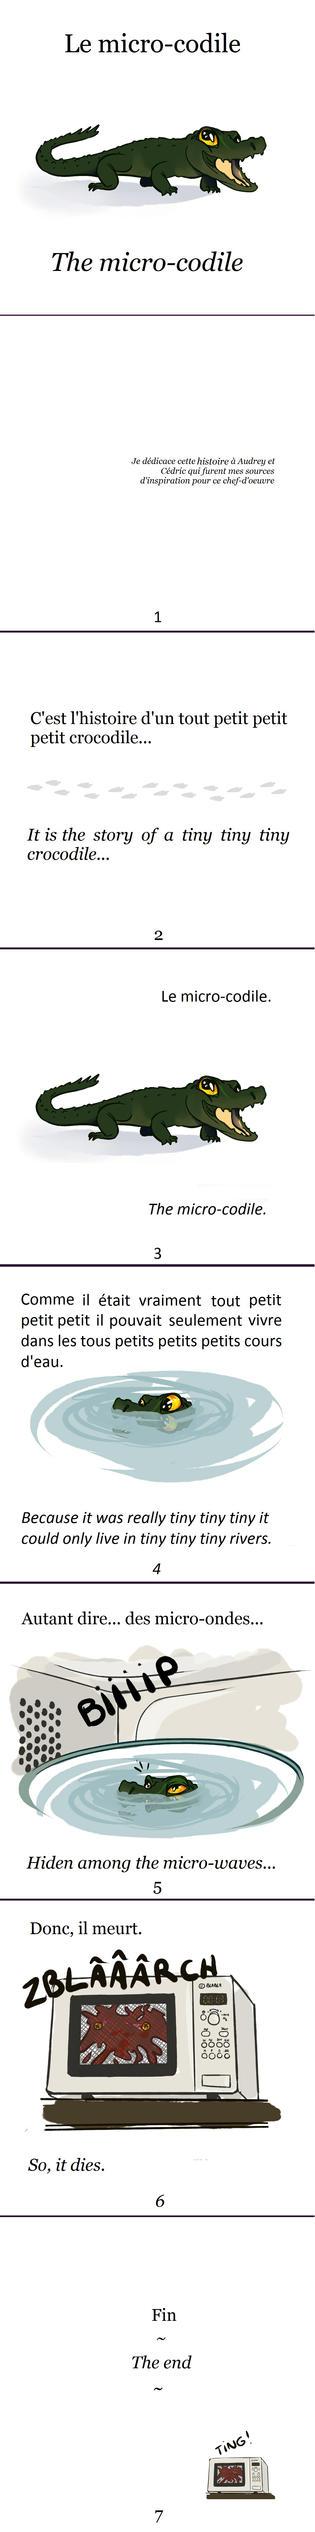 Le Microcodile by ellianounoursblanc